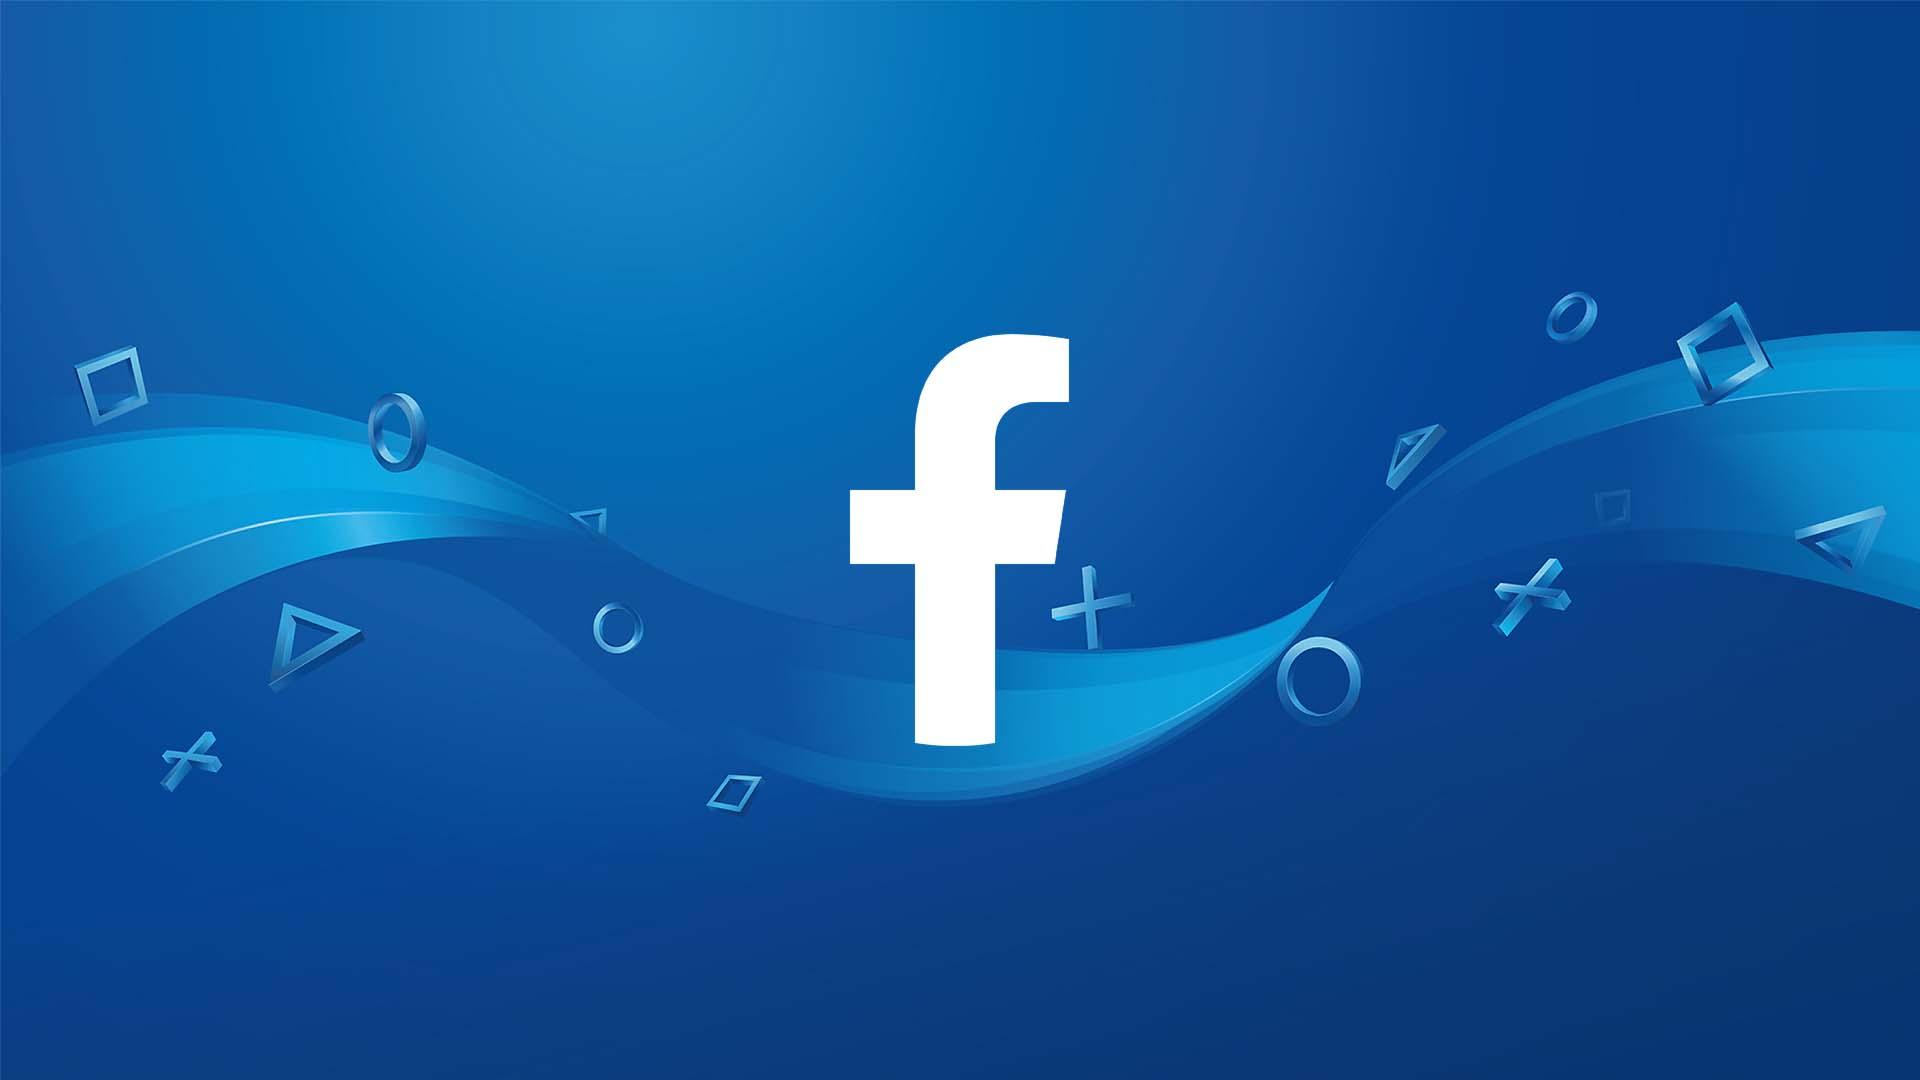 La belle idylle entre Facebook et PlayStation dans la tourmente!